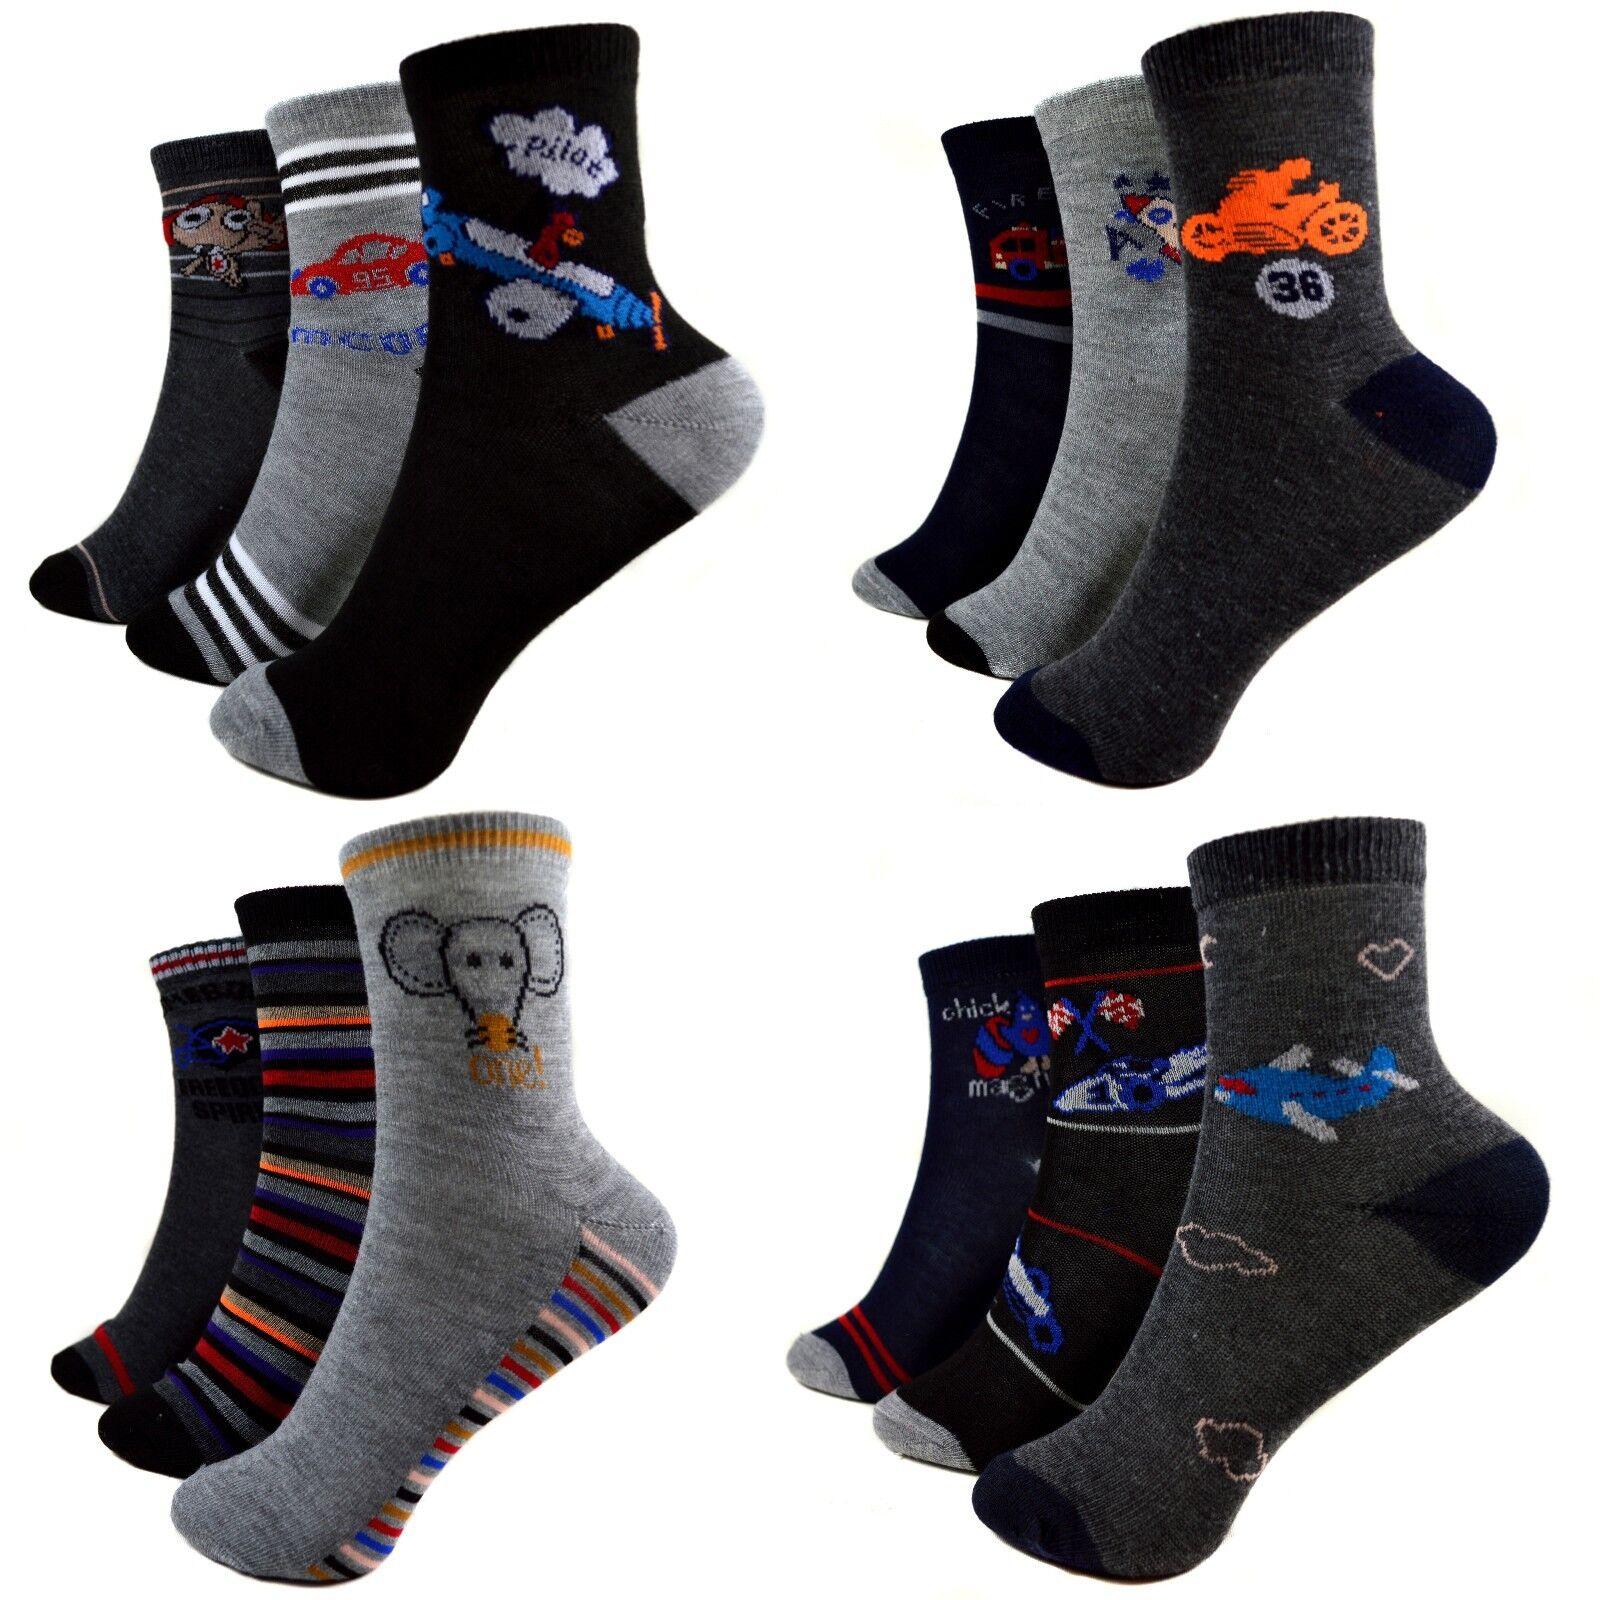 c87d7f6d35 12 Paar Kids Jungen Socken Kinder Strümpfe 90% Baumwolle Bunt Gr. 27 ...